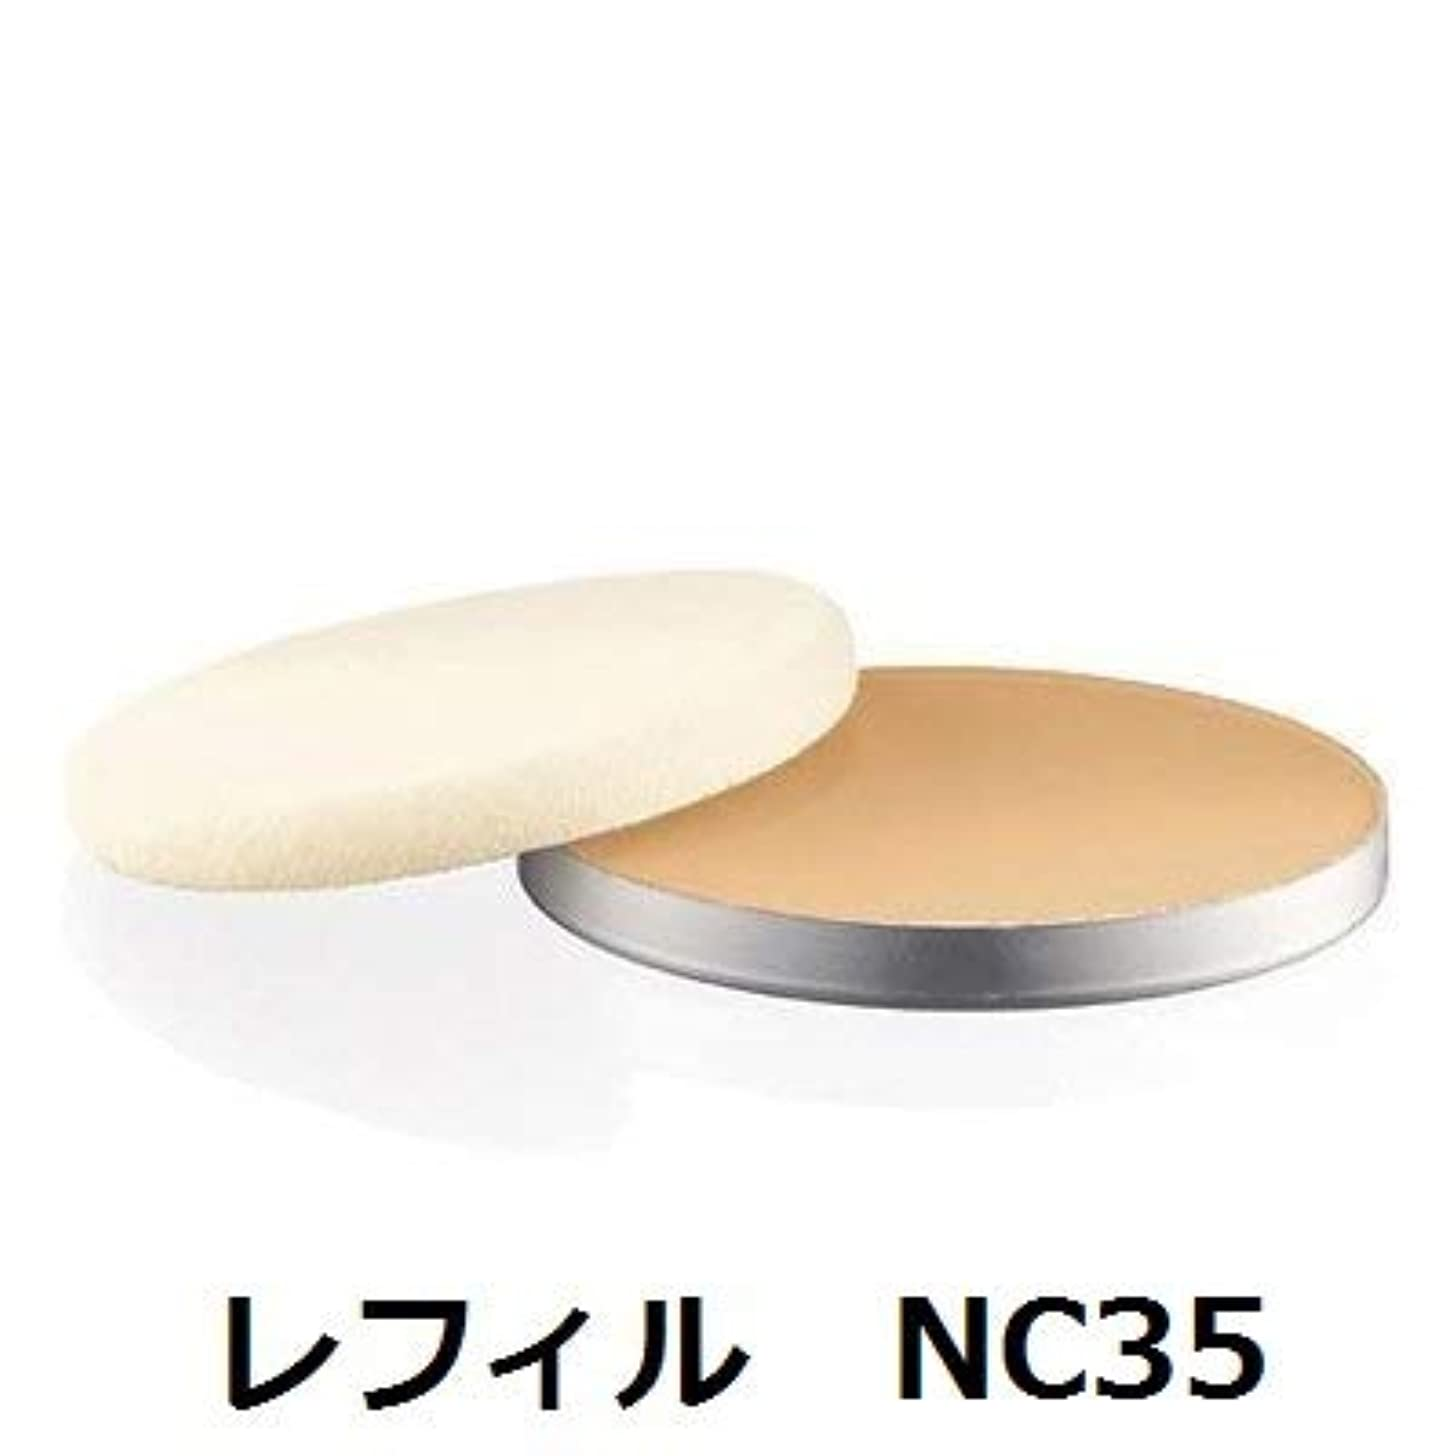 ガイダンス最も早いニュージーランドマック(MAC) ライトフルC+SPF 30ファンデーション レフィル #NC35 14g [並行輸入品]